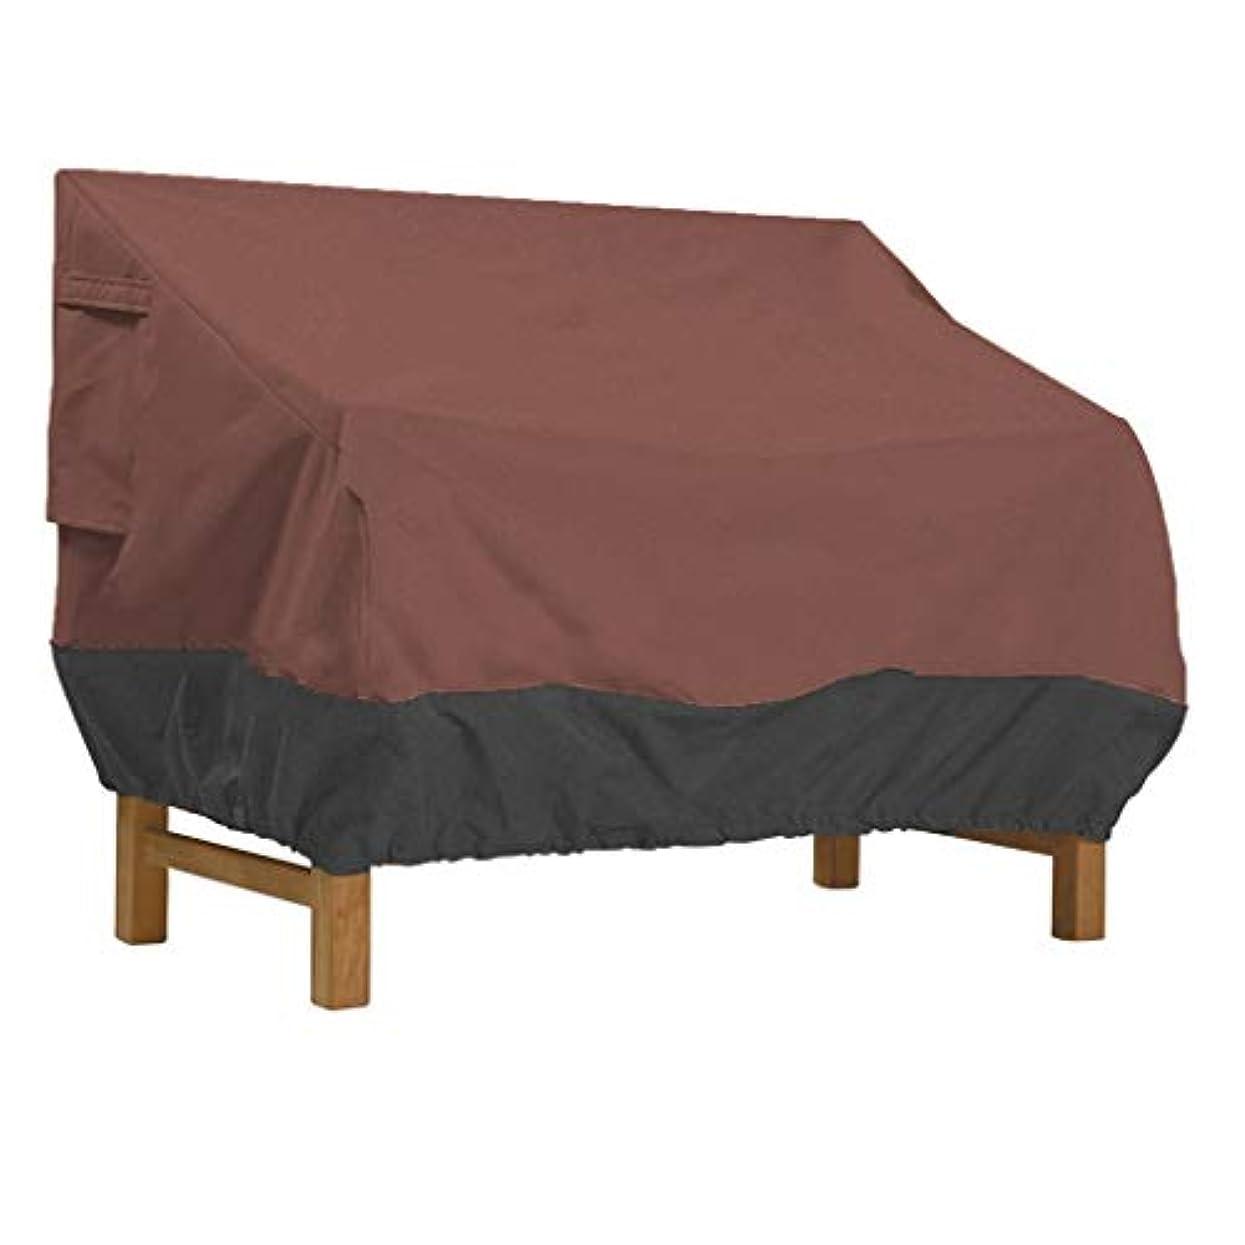 合唱団構造的話Jcy 屋外ソファーカバー、椅子の小屋、防水日焼け止めバルコニーガーデン家具ダストカバー (色 : Color café, Size : 224x83x84cm)